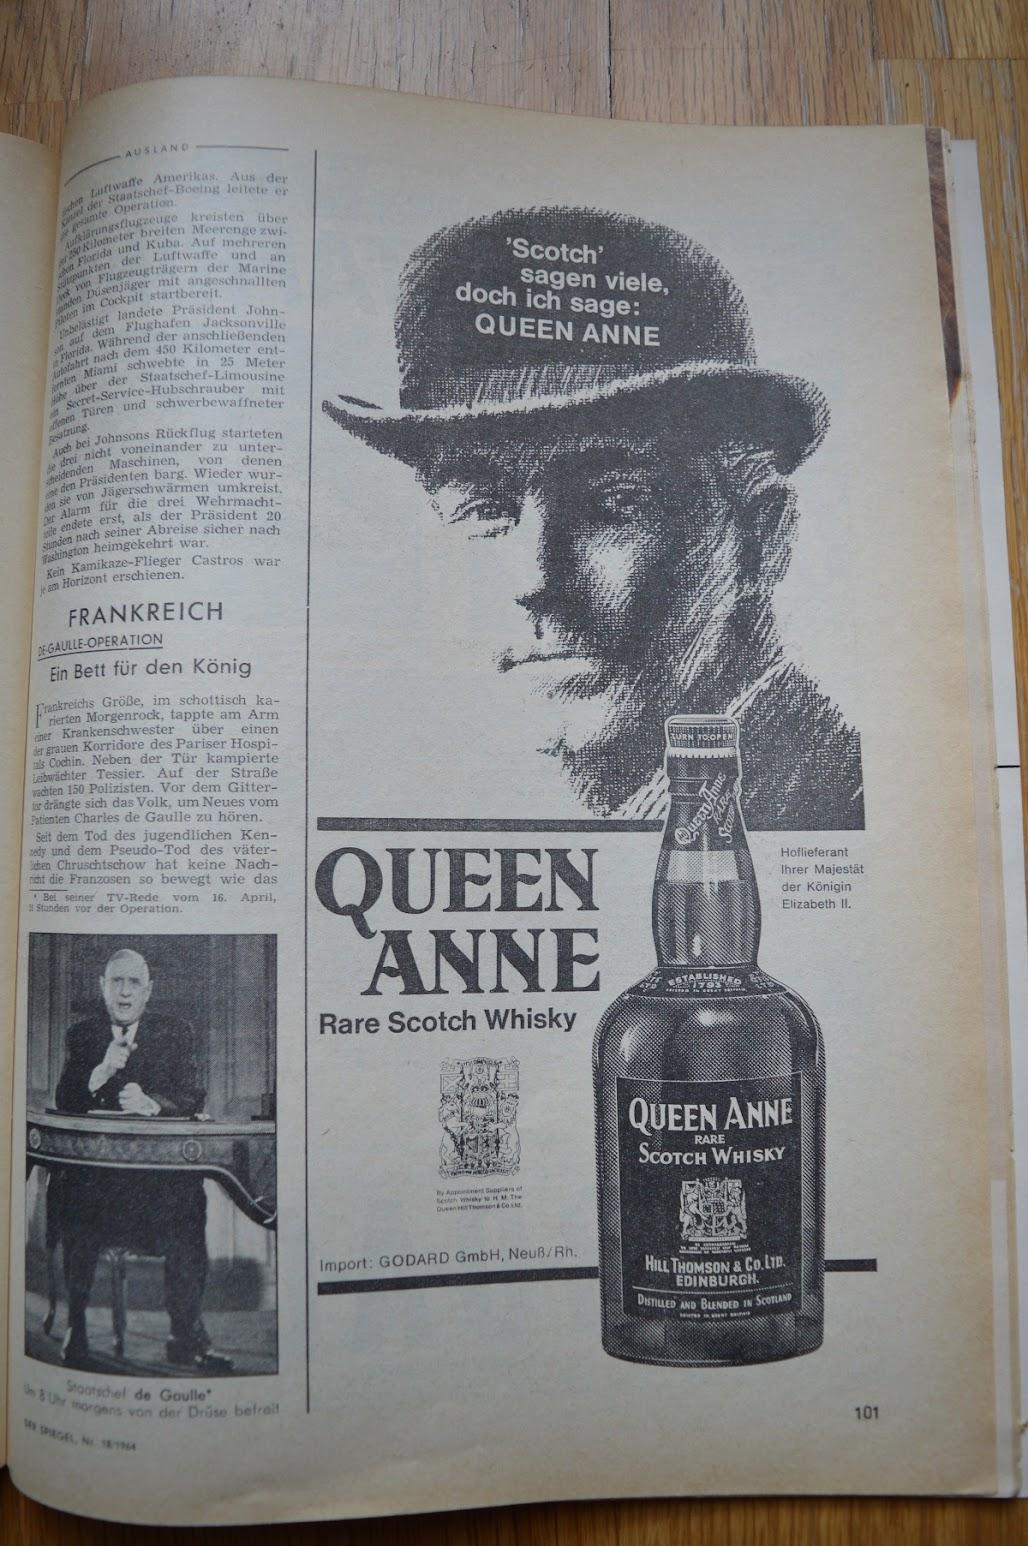 DER SPIEGEL, 29. April 1964 - Werbung für Whisky